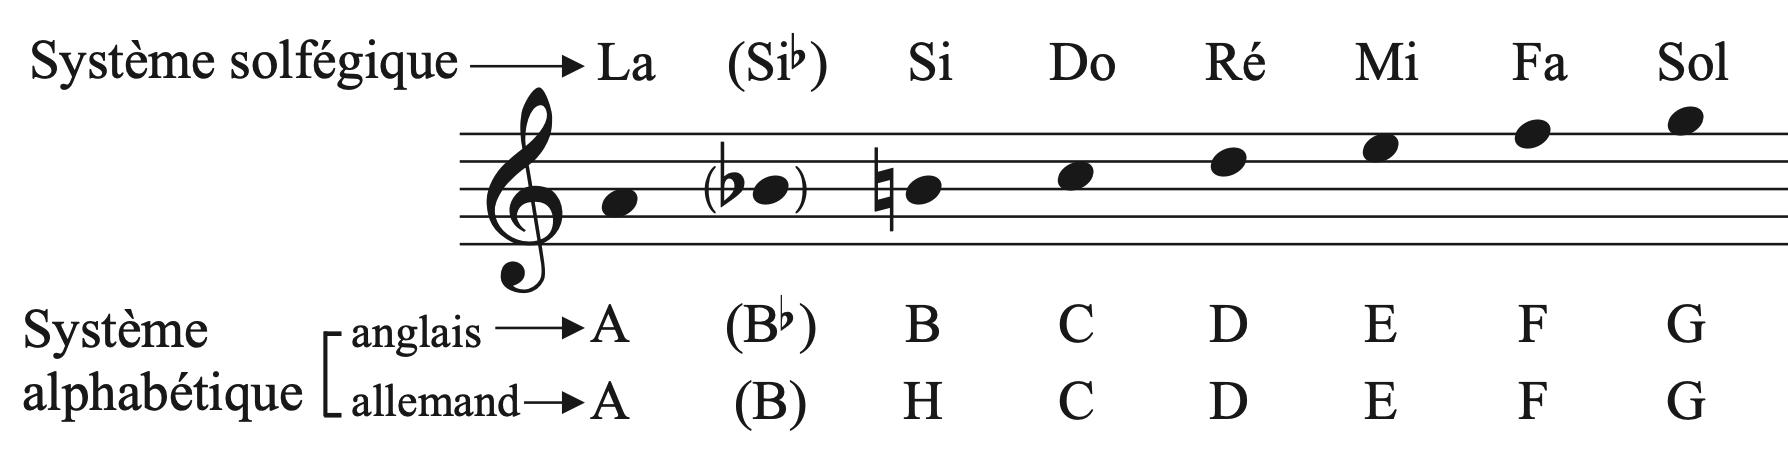 Les différents systèmes de notation musicale : solfégique et alphabétique